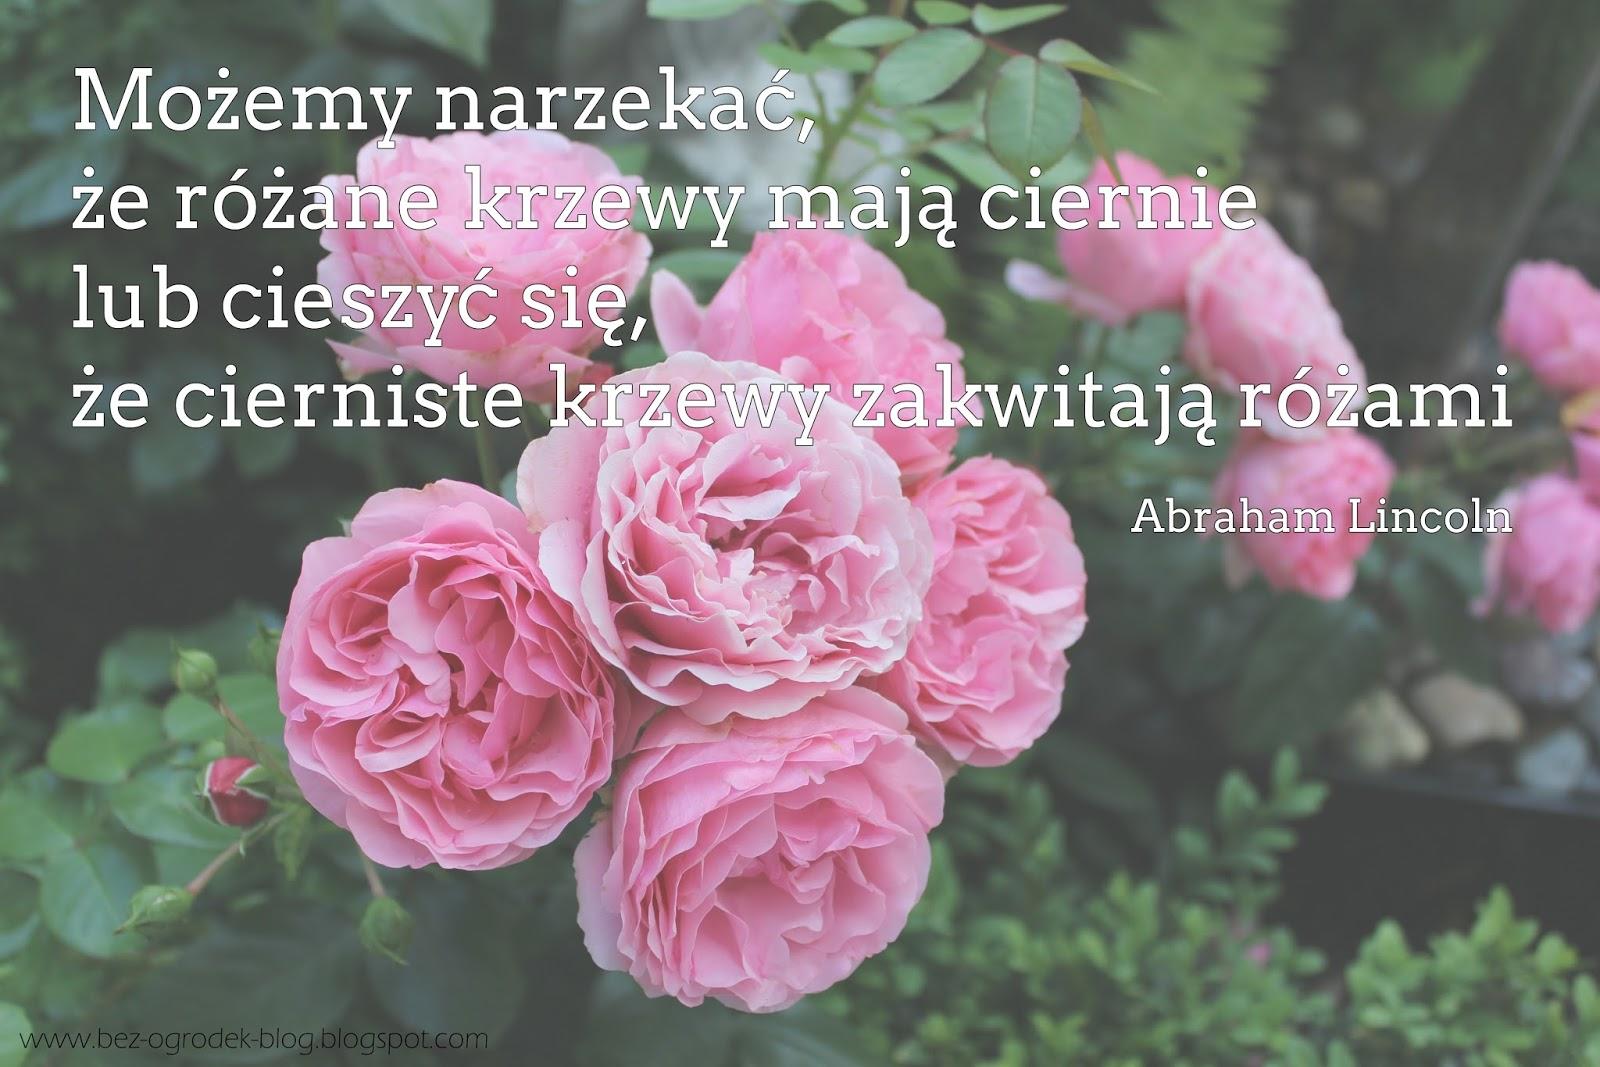 10 Najpiękniejszych Cytatów O Kwiatach I Ogrodach Bez